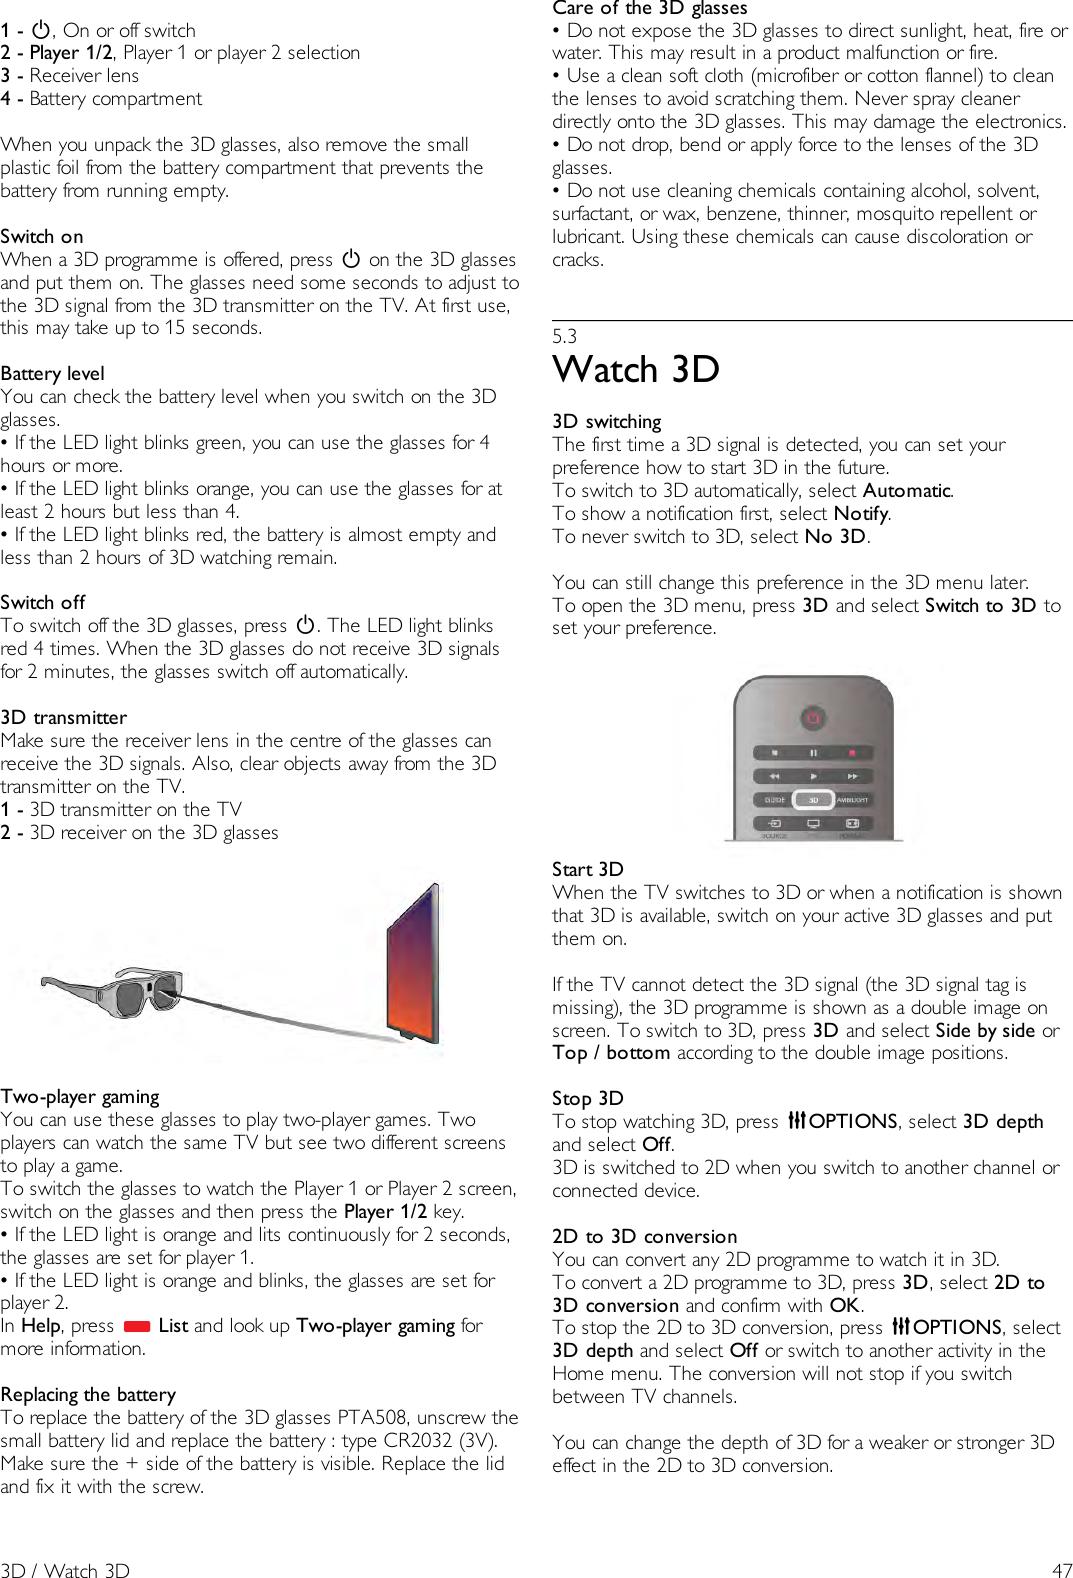 Philips 40PFL8007K/12 40_46_55PFL8007K User Manual